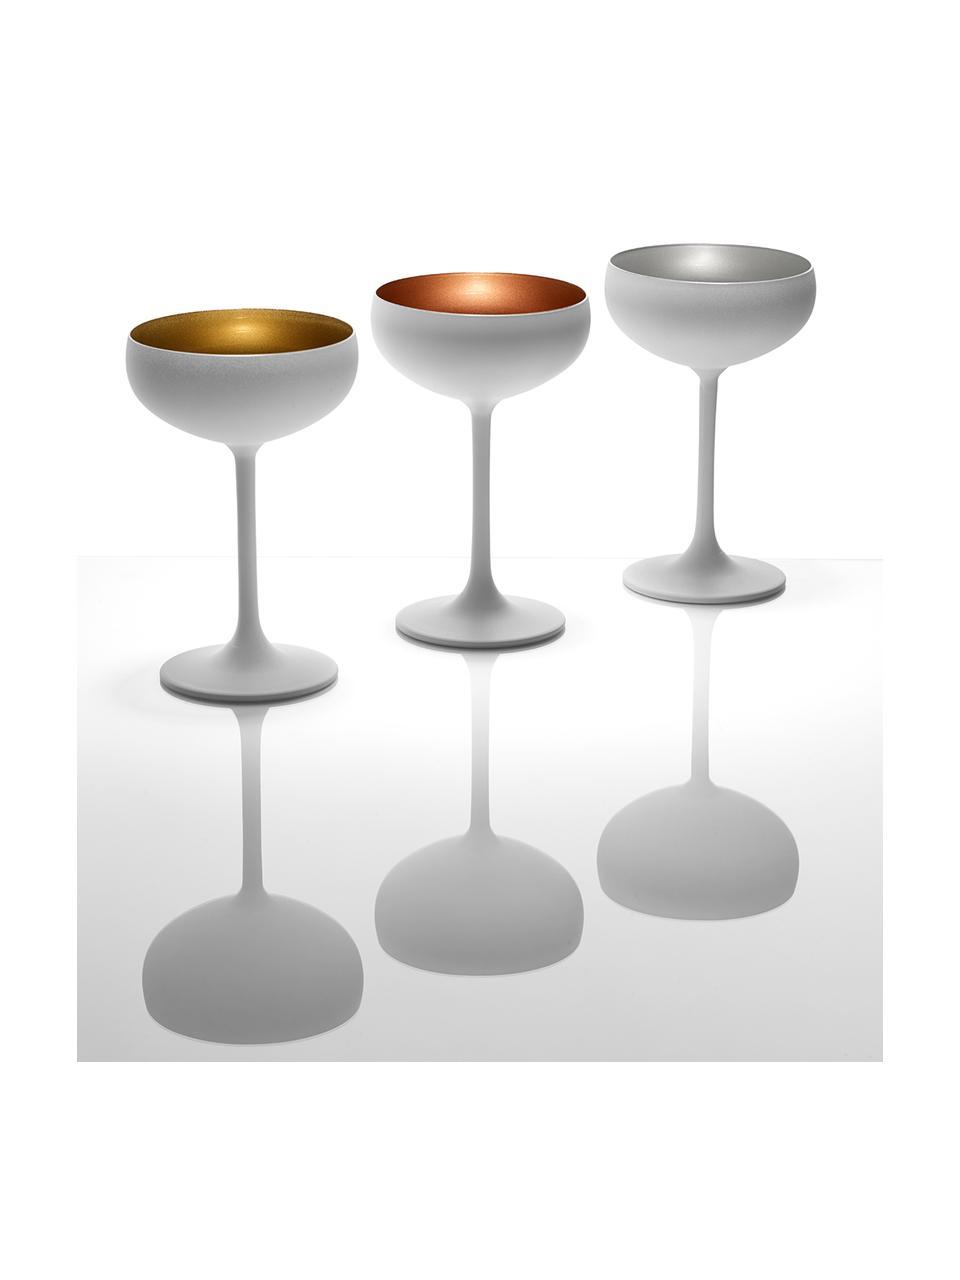 Coppa champagne in cristallo Elements 6 pz, Cristallo rivestito, Bianco, bronzo, Ø 10 x Alt. 15 cm